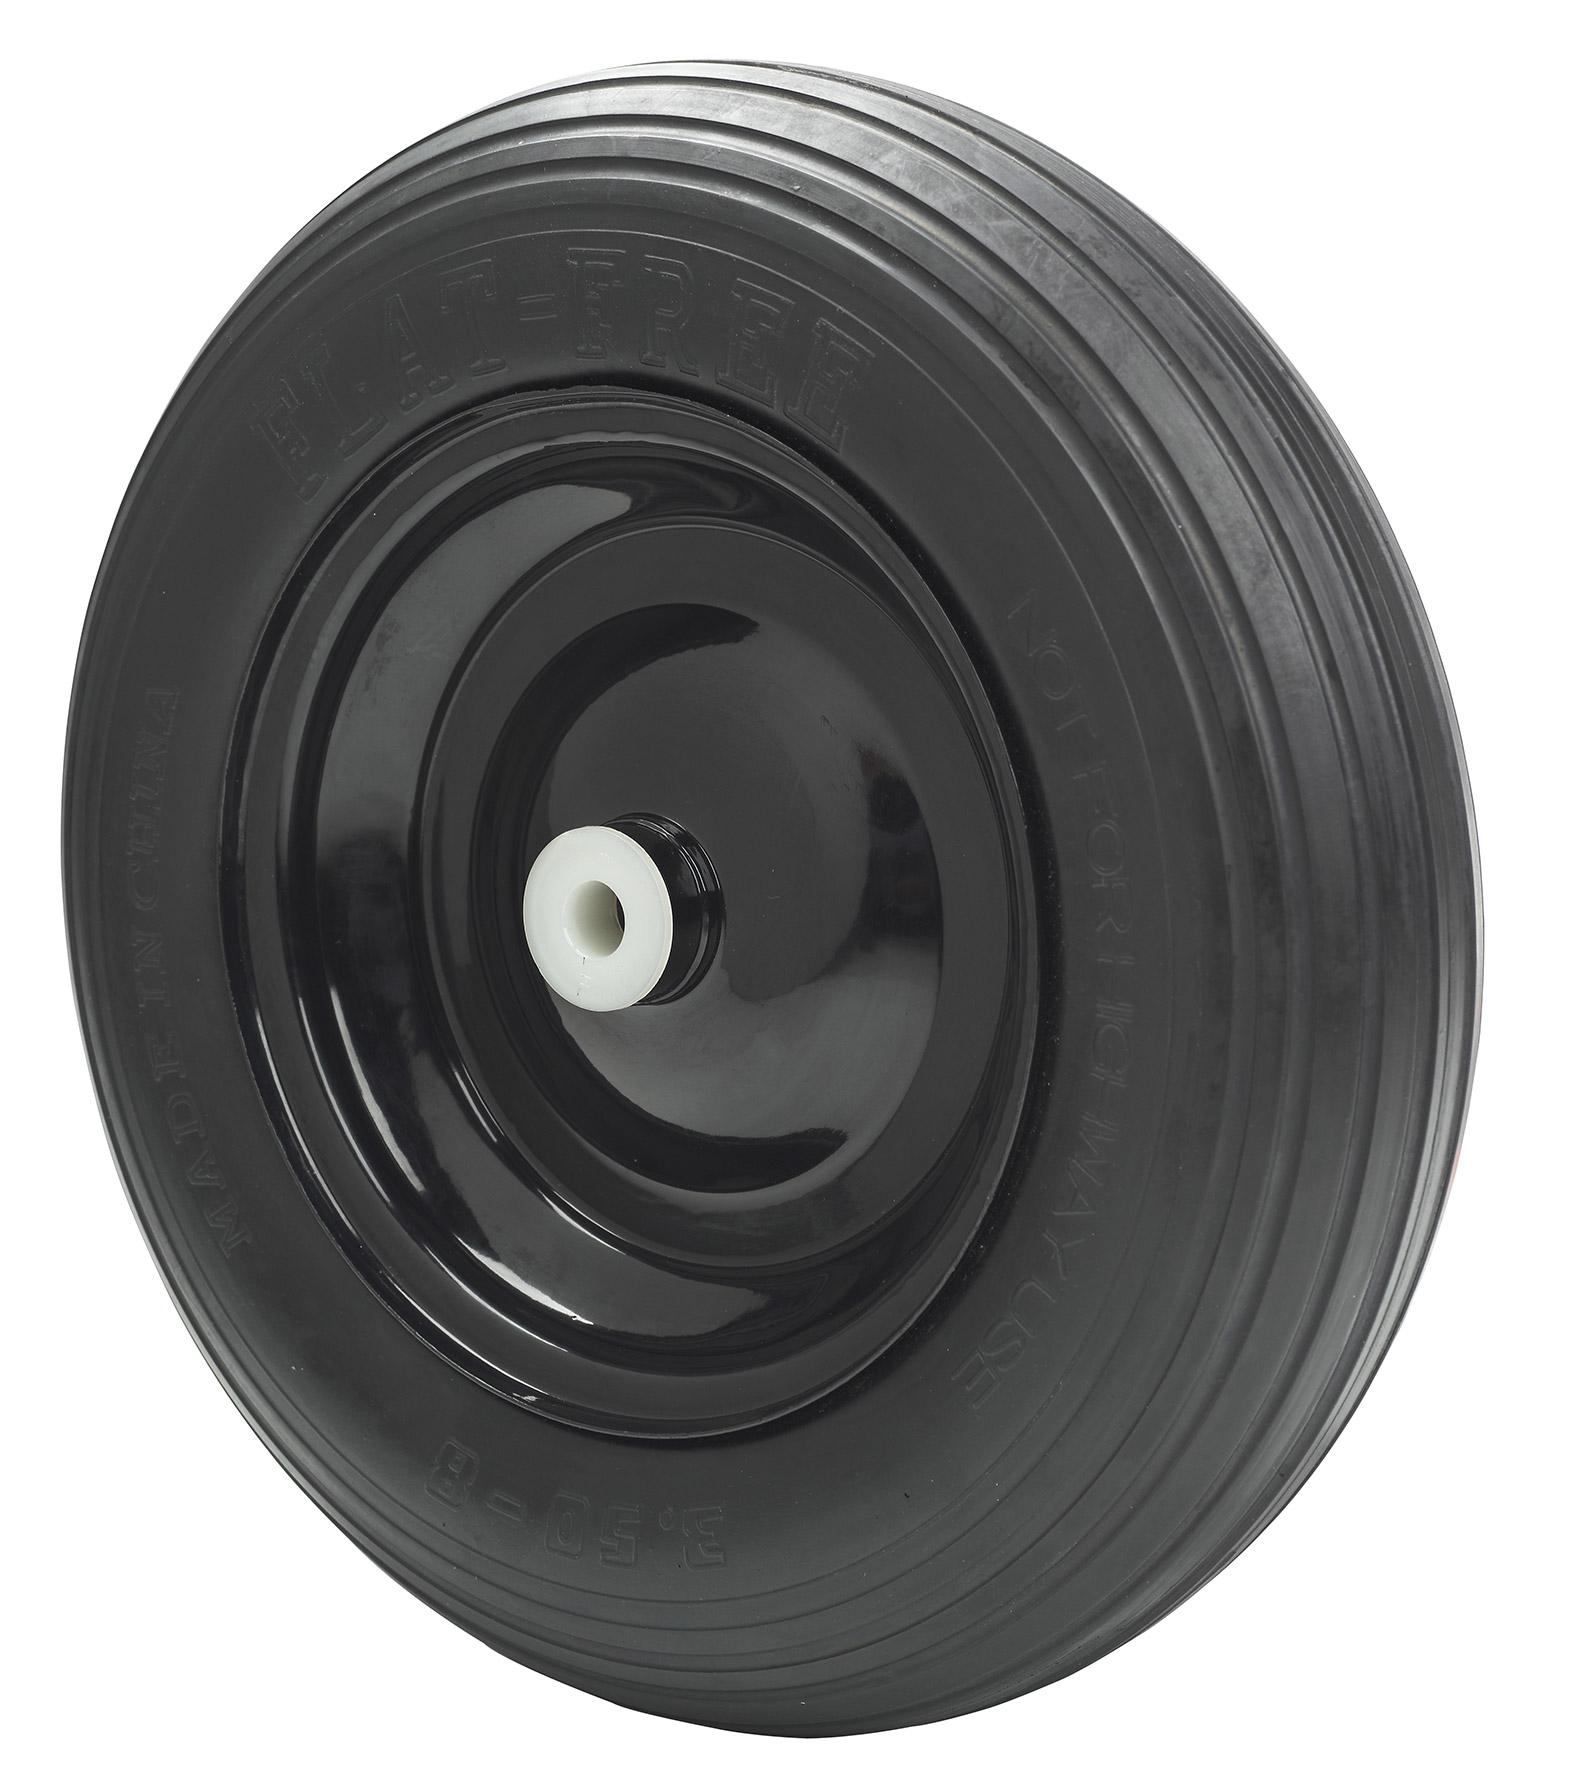 Universal Flat Free Tire Tools Garant